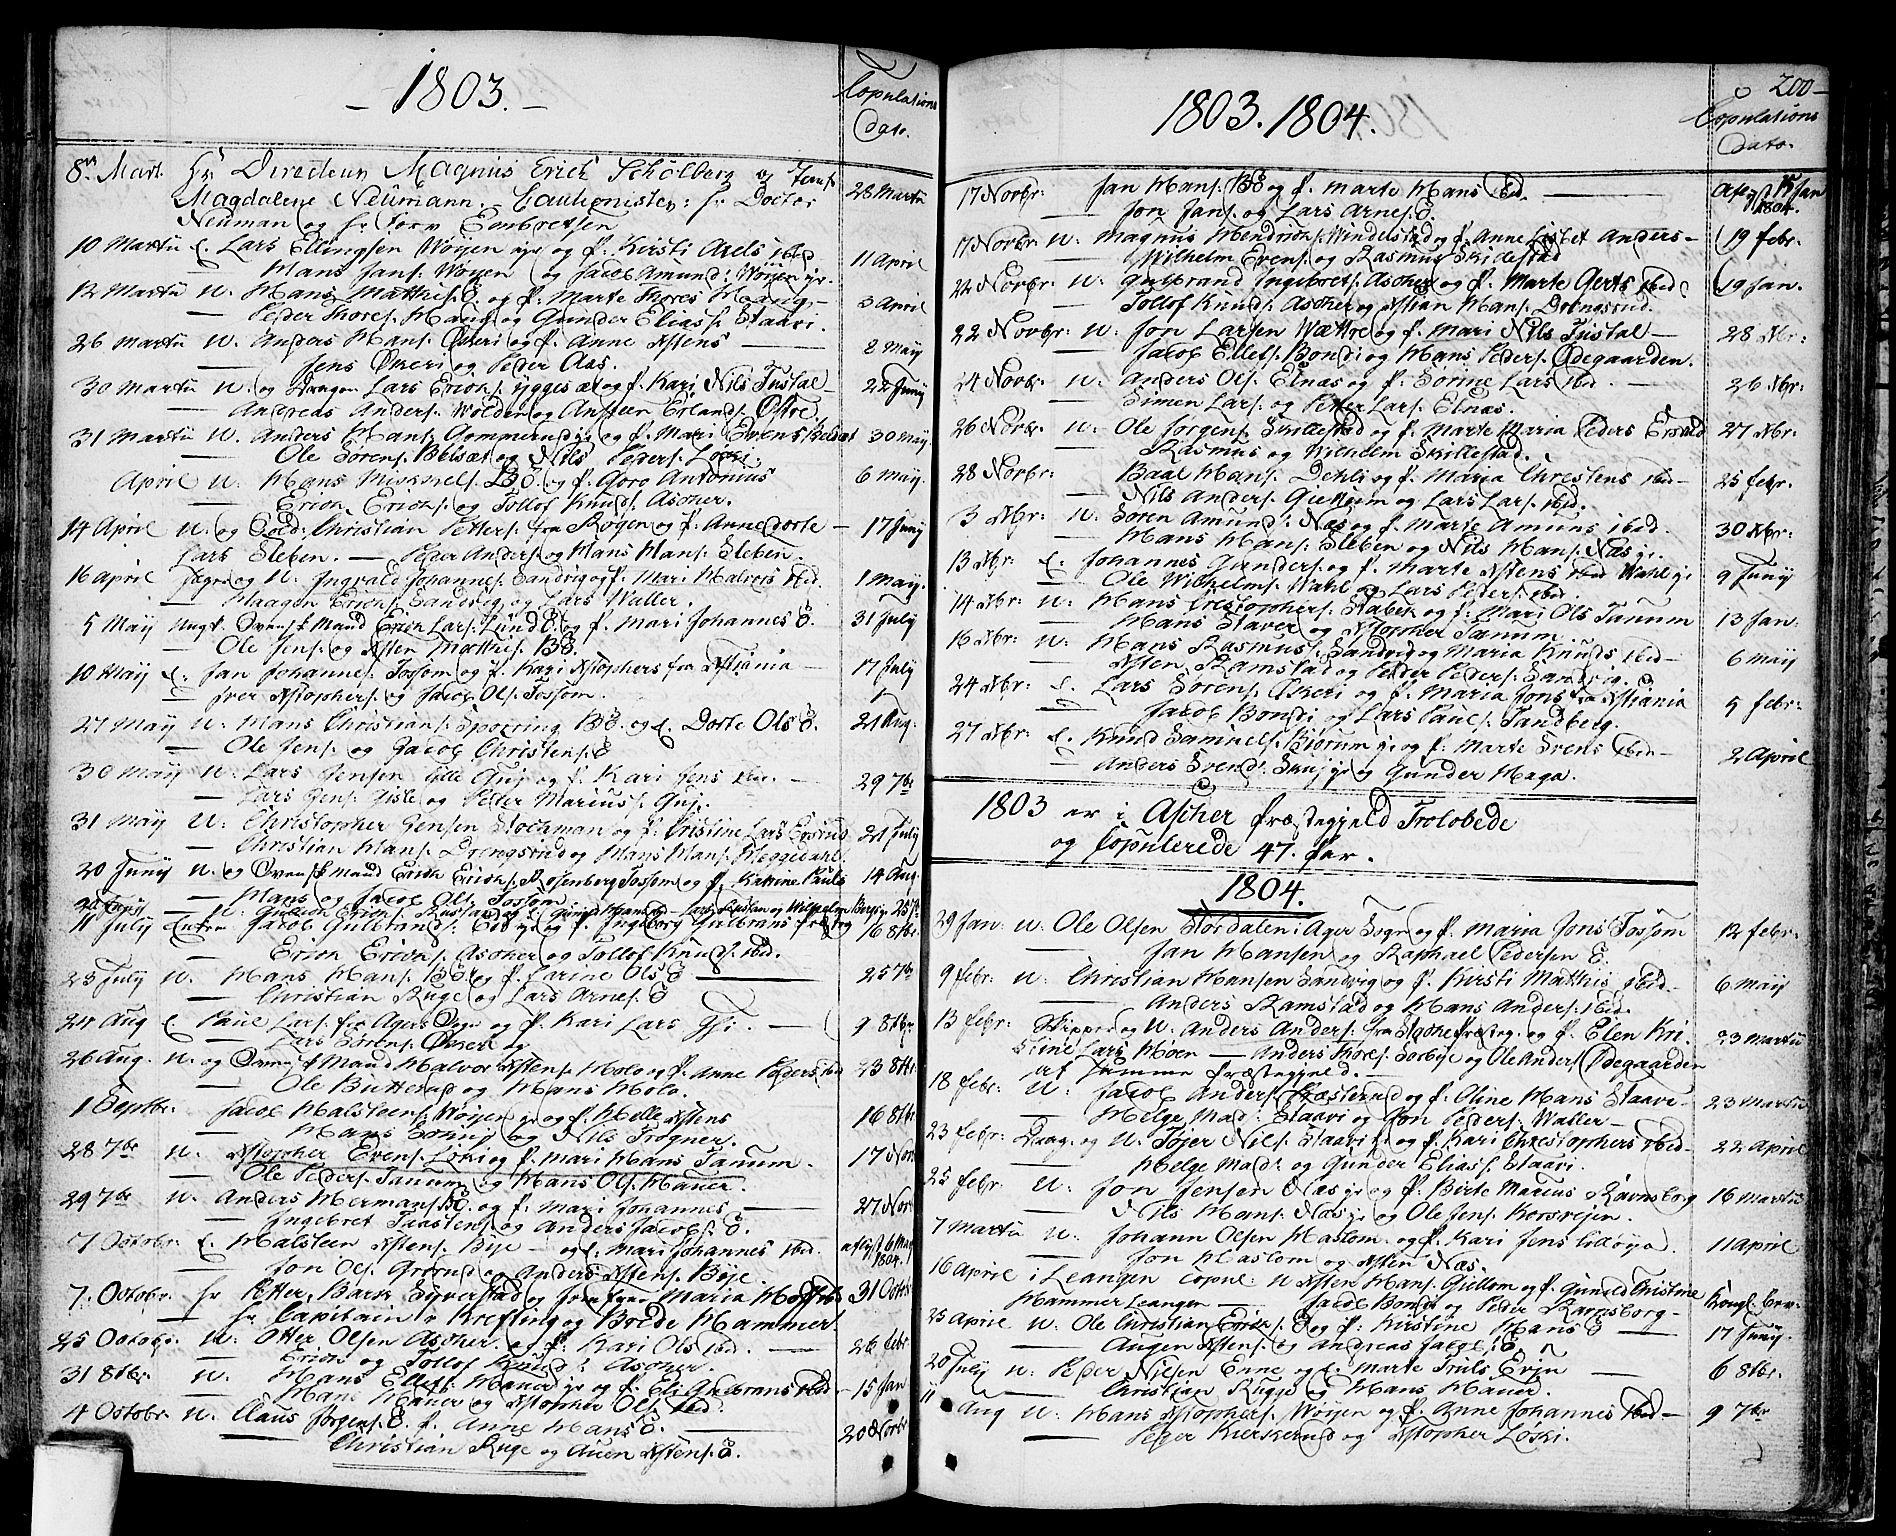 SAO, Asker prestekontor Kirkebøker, F/Fa/L0003: Ministerialbok nr. I 3, 1767-1807, s. 200